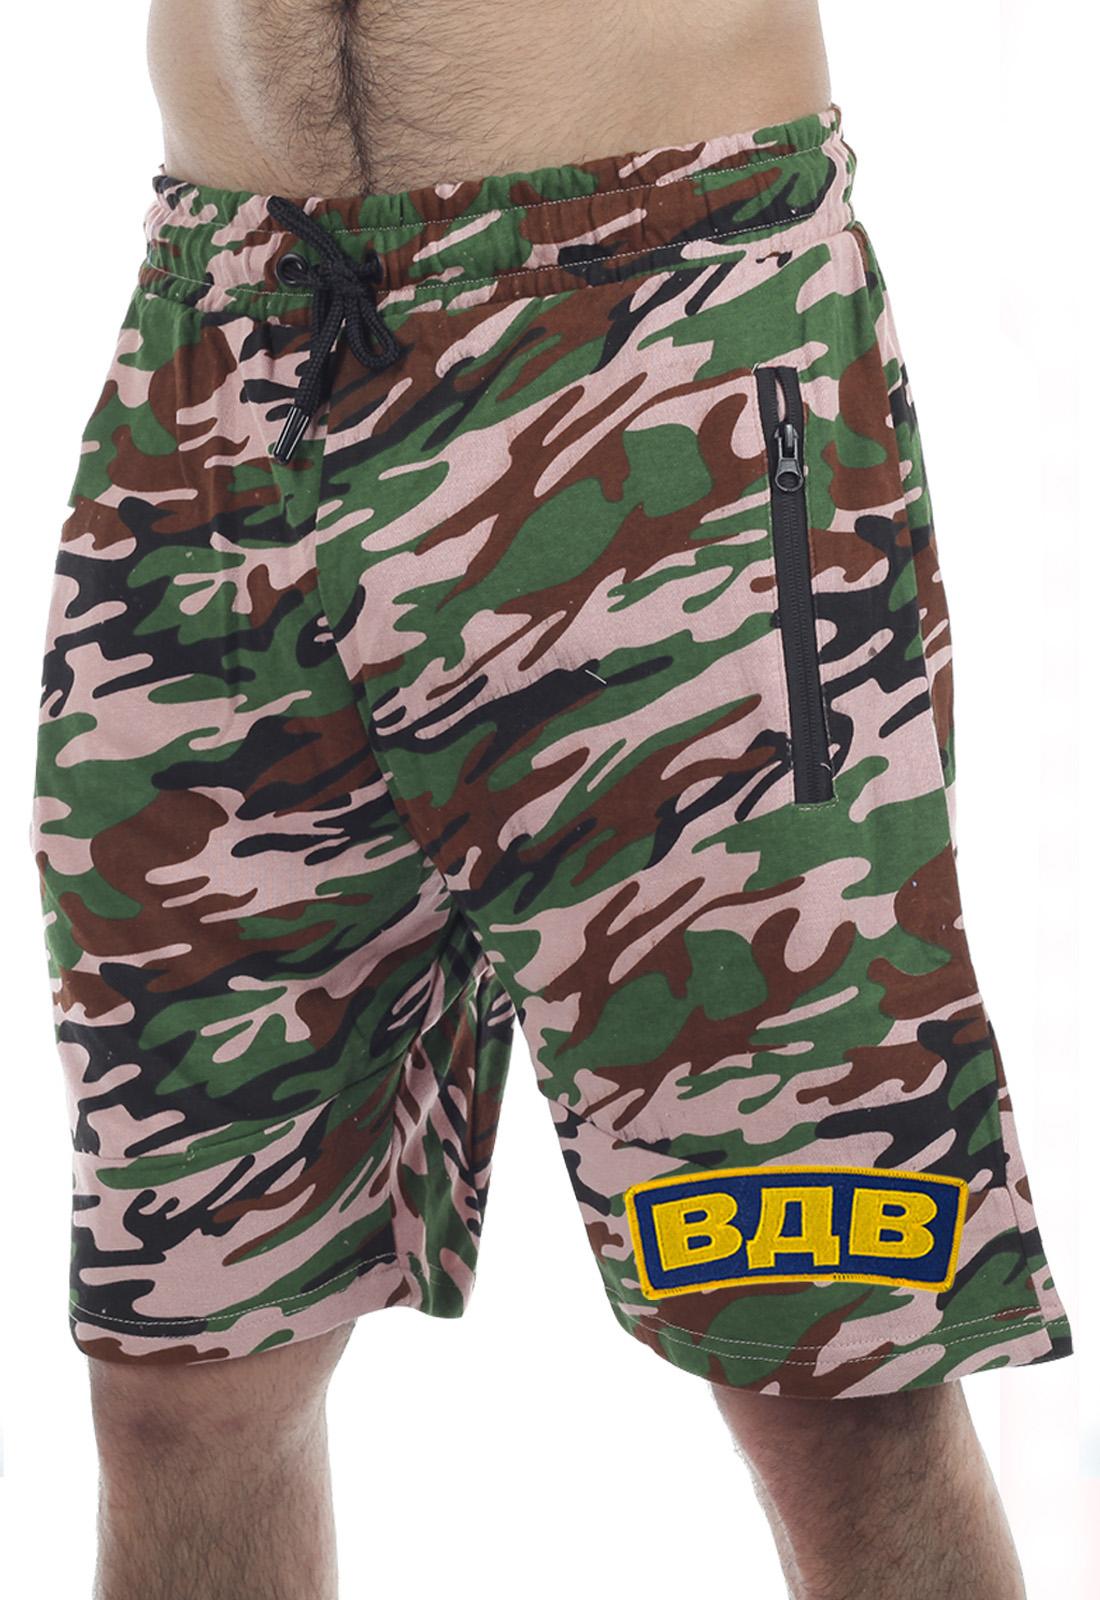 Недорогие мужские шорты ВДВ с карманами